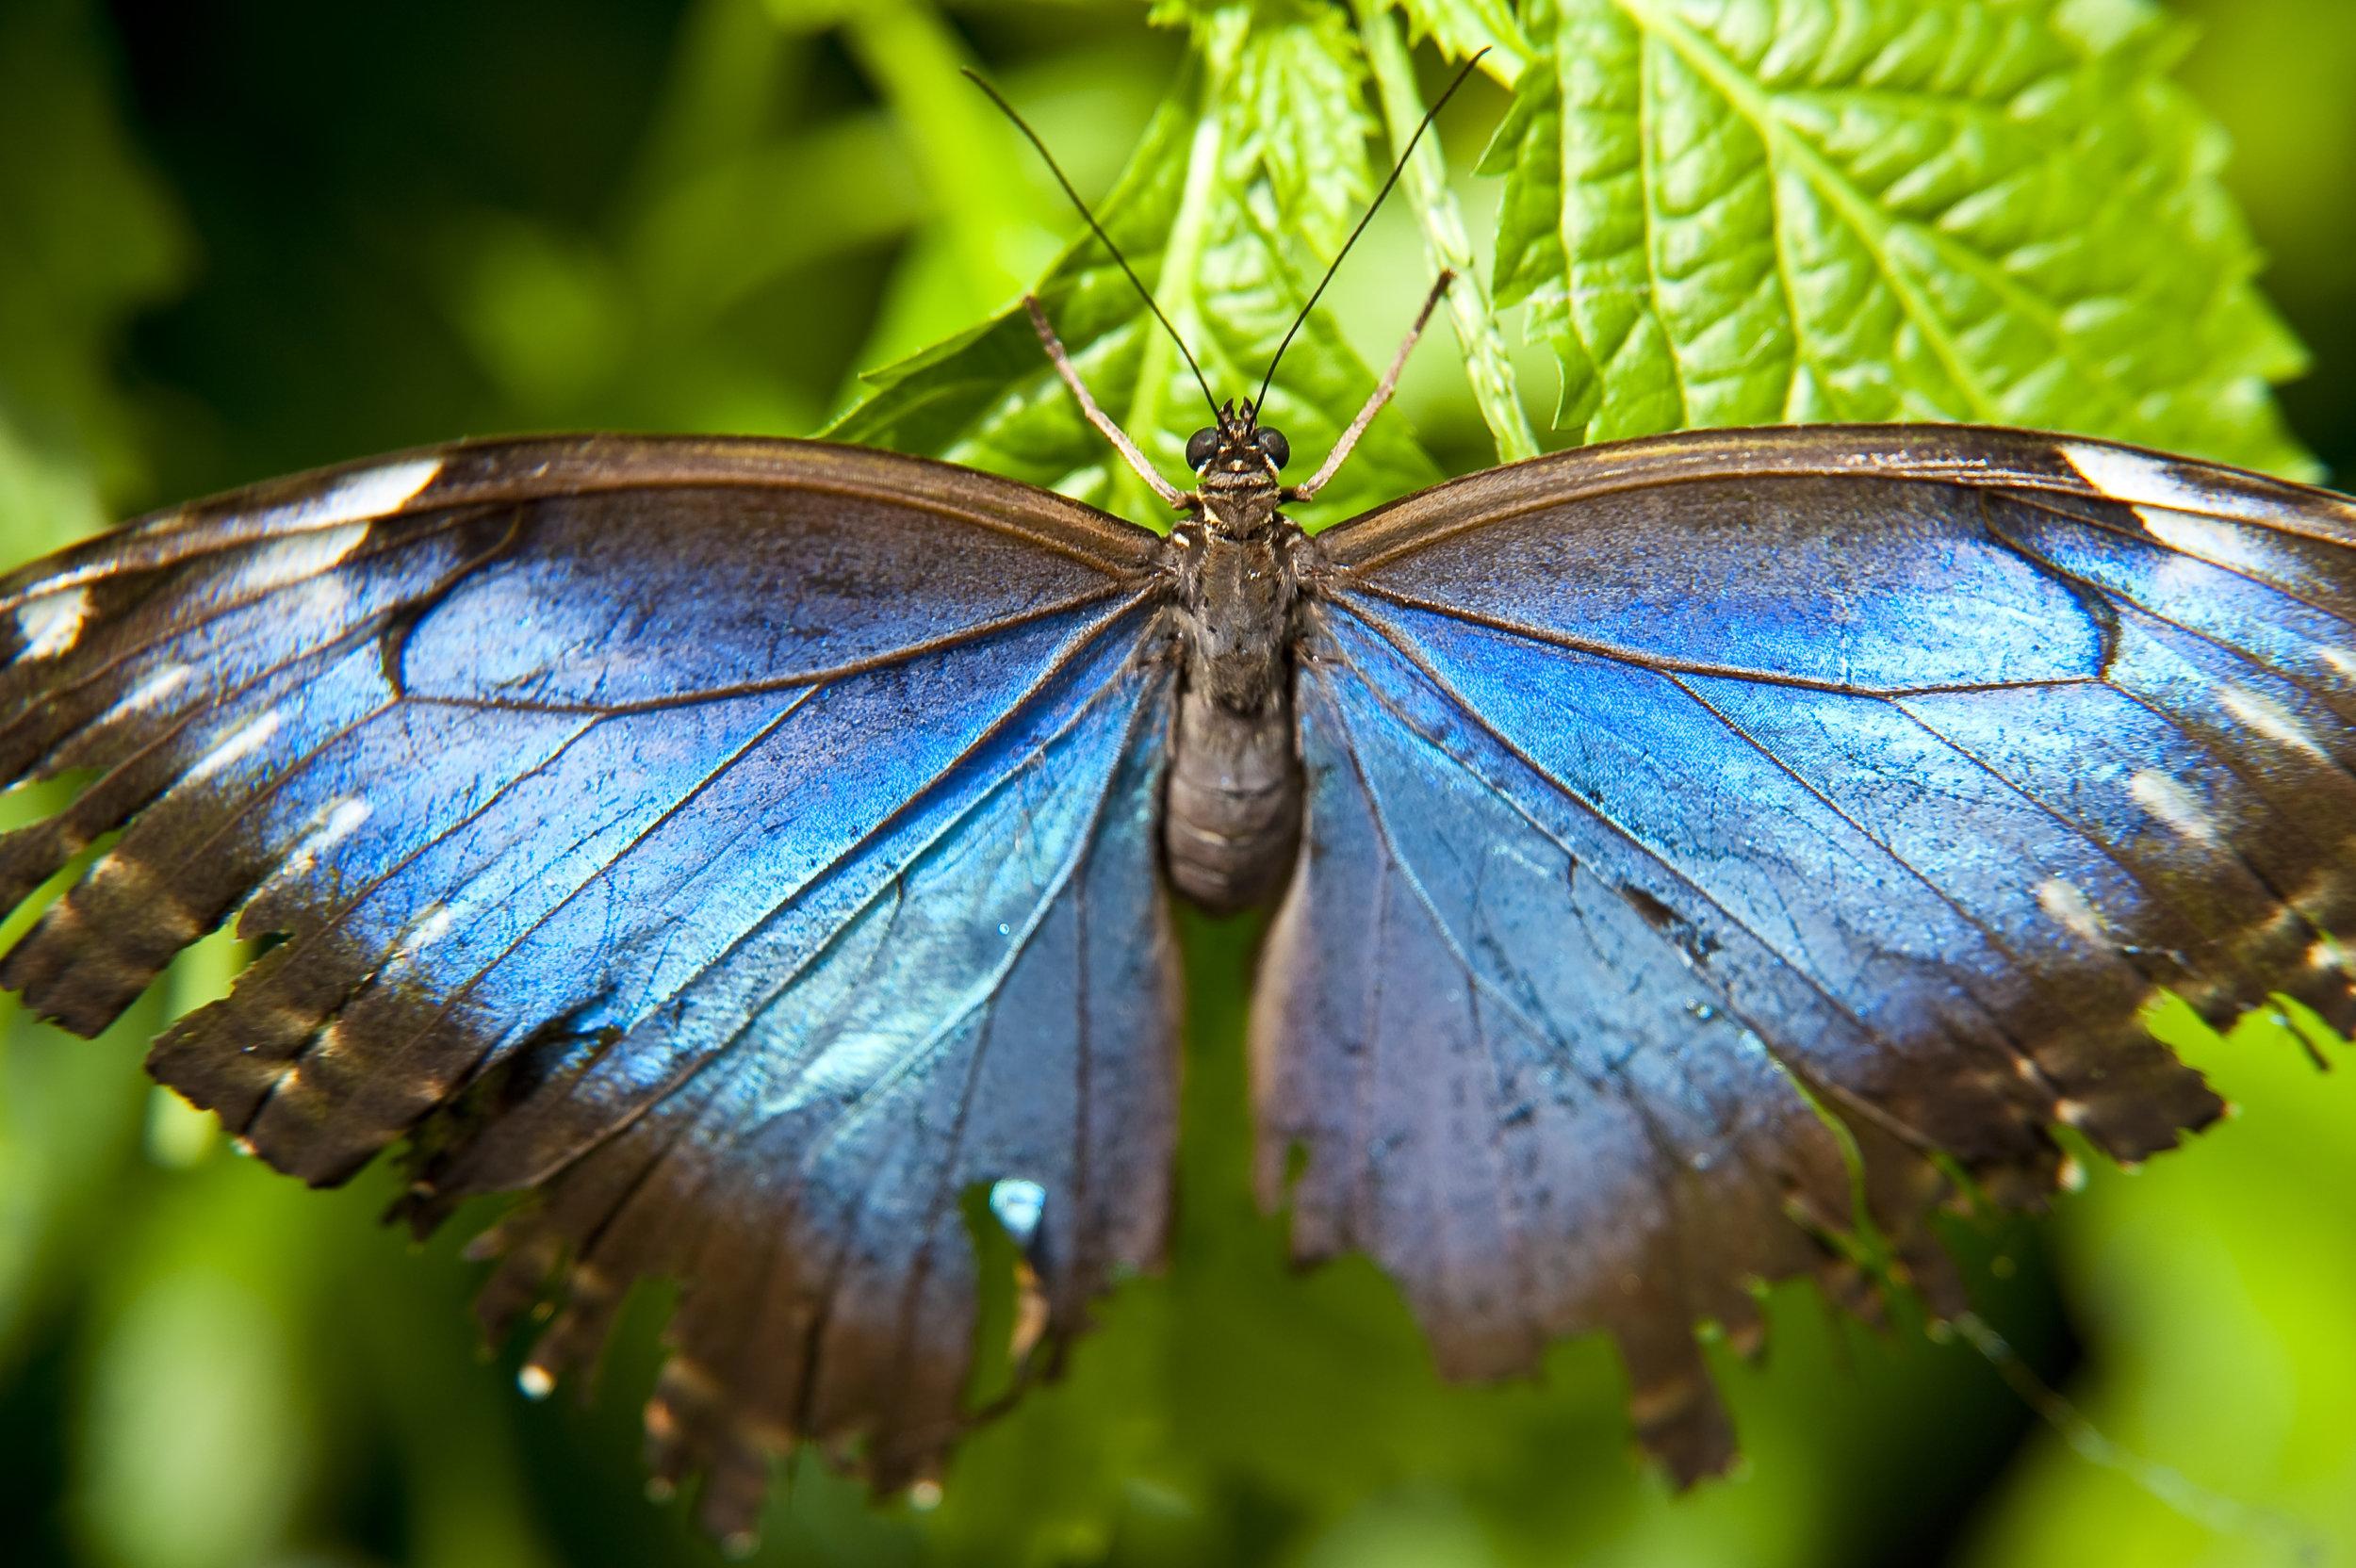 butterfly_fJOepE9d (1).jpg